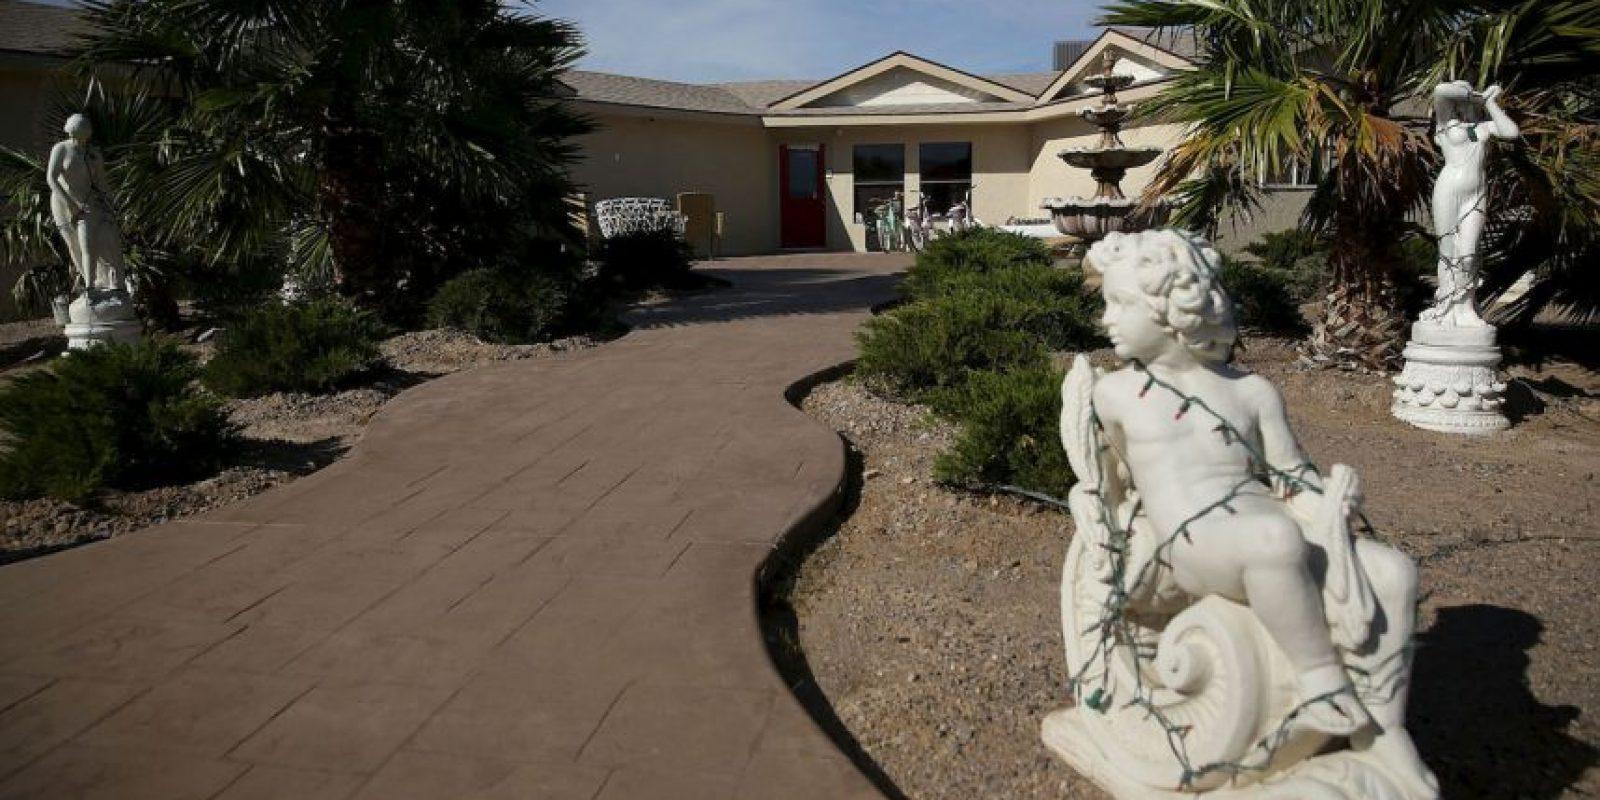 El pasado 13 de octubre Odom fue encontrado inconsciente en un burdel legal de Las Vegas. Foto:Getty Images